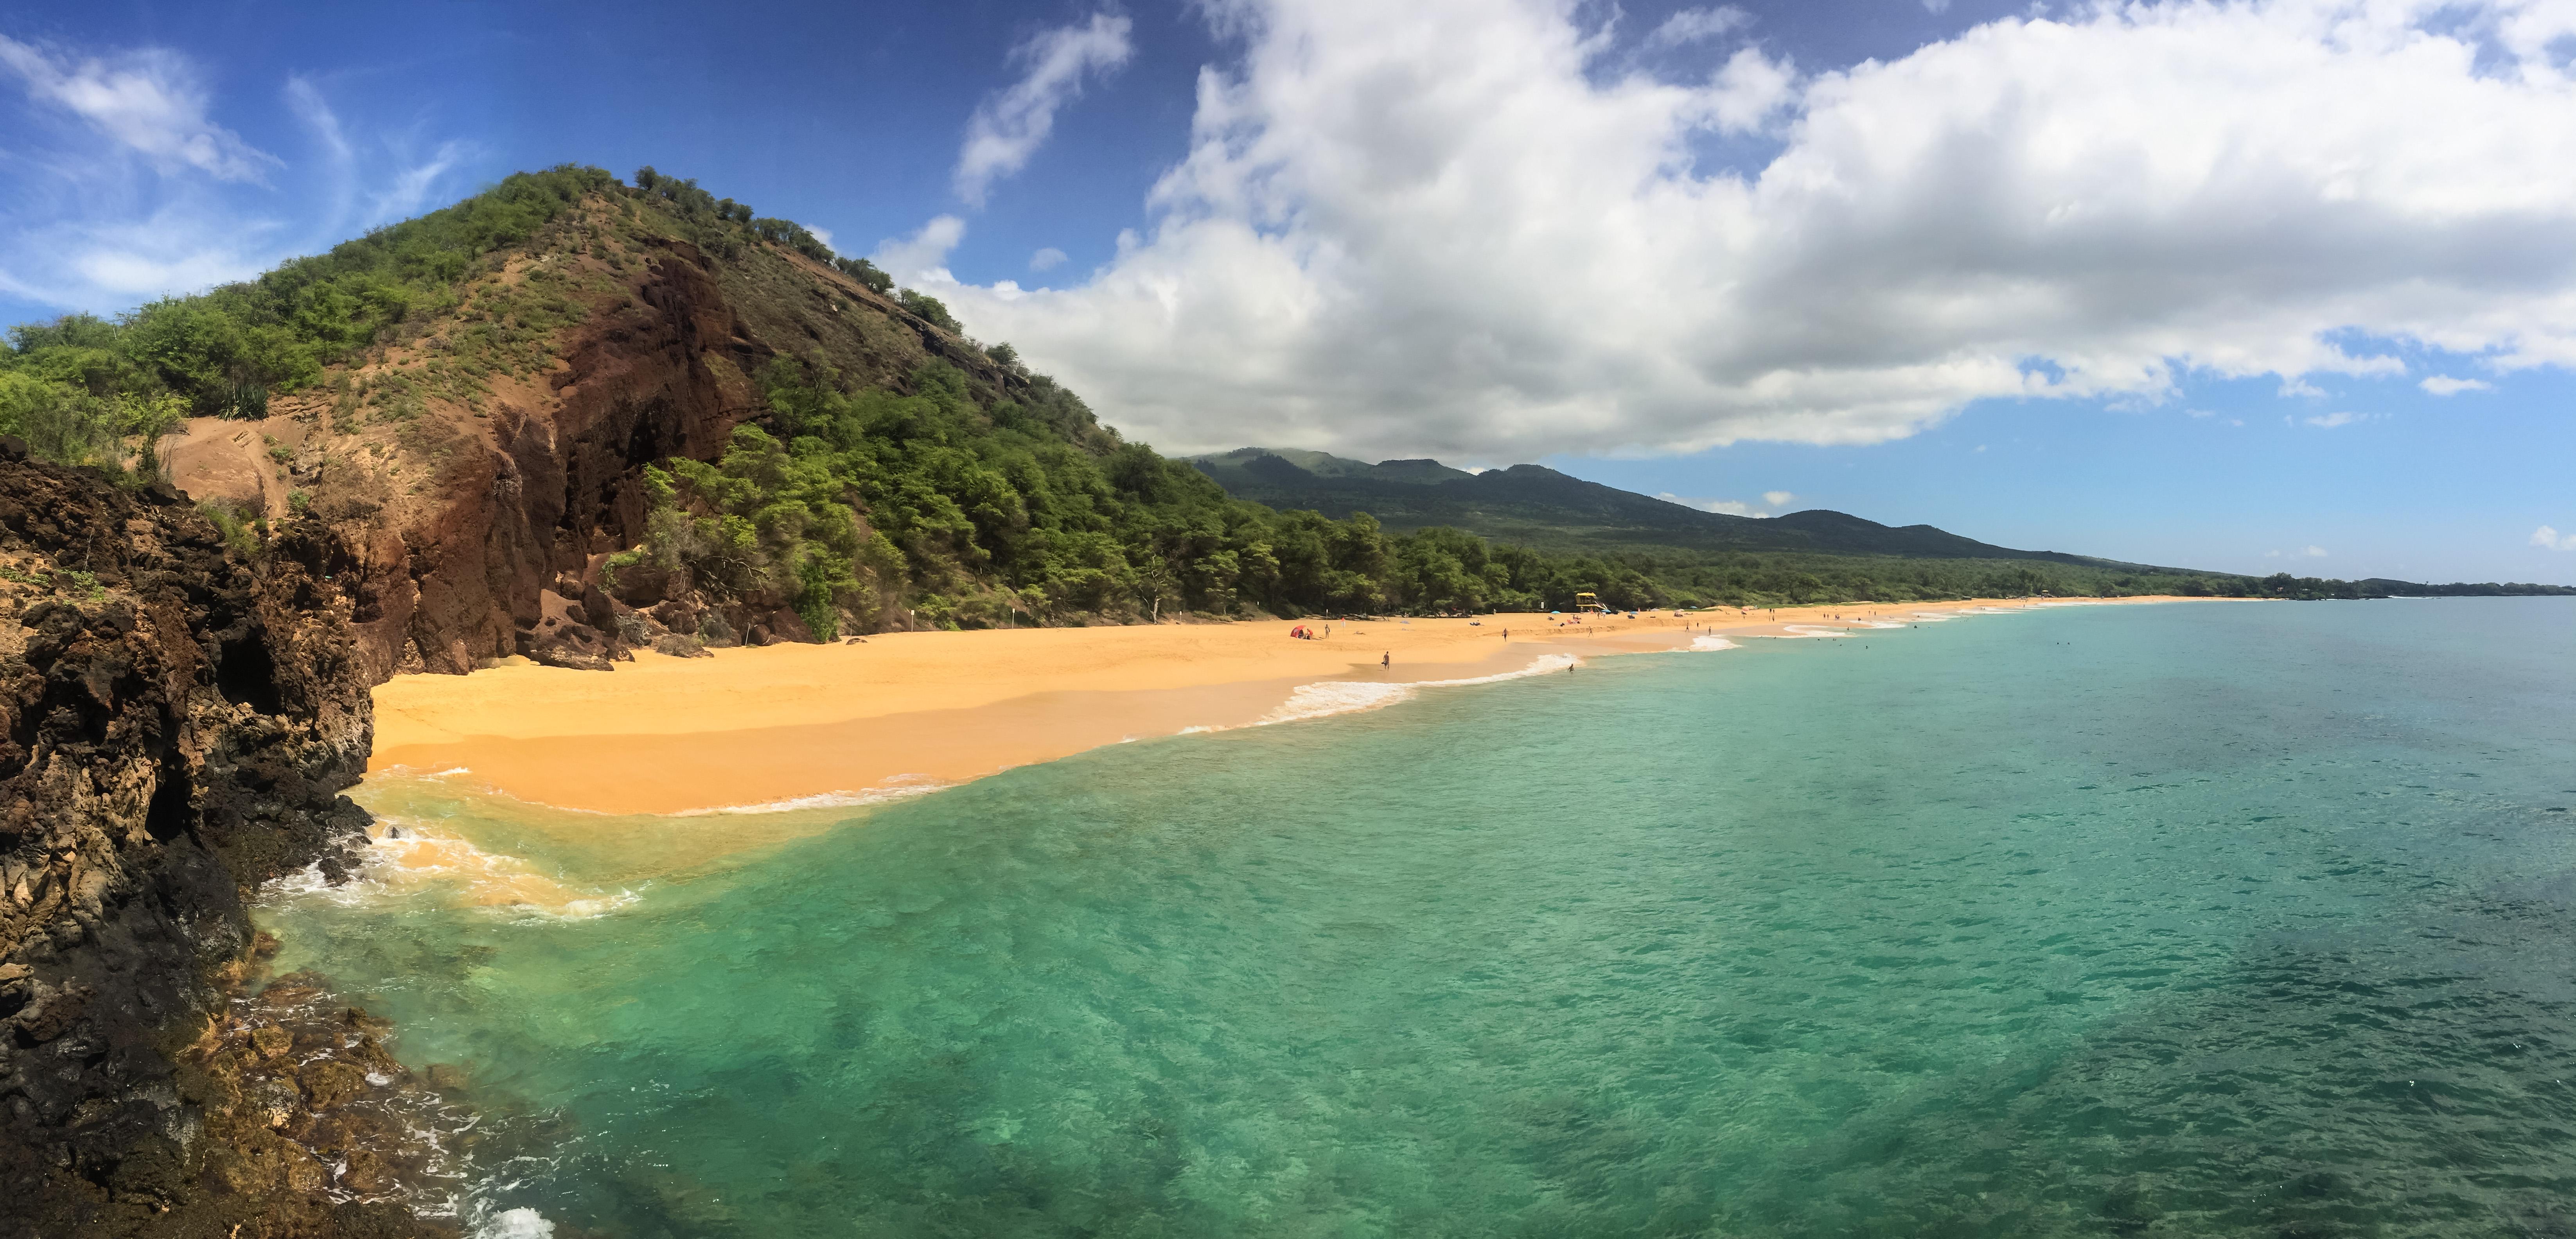 Hawaii Maui Makena Big Beach on a sunny day